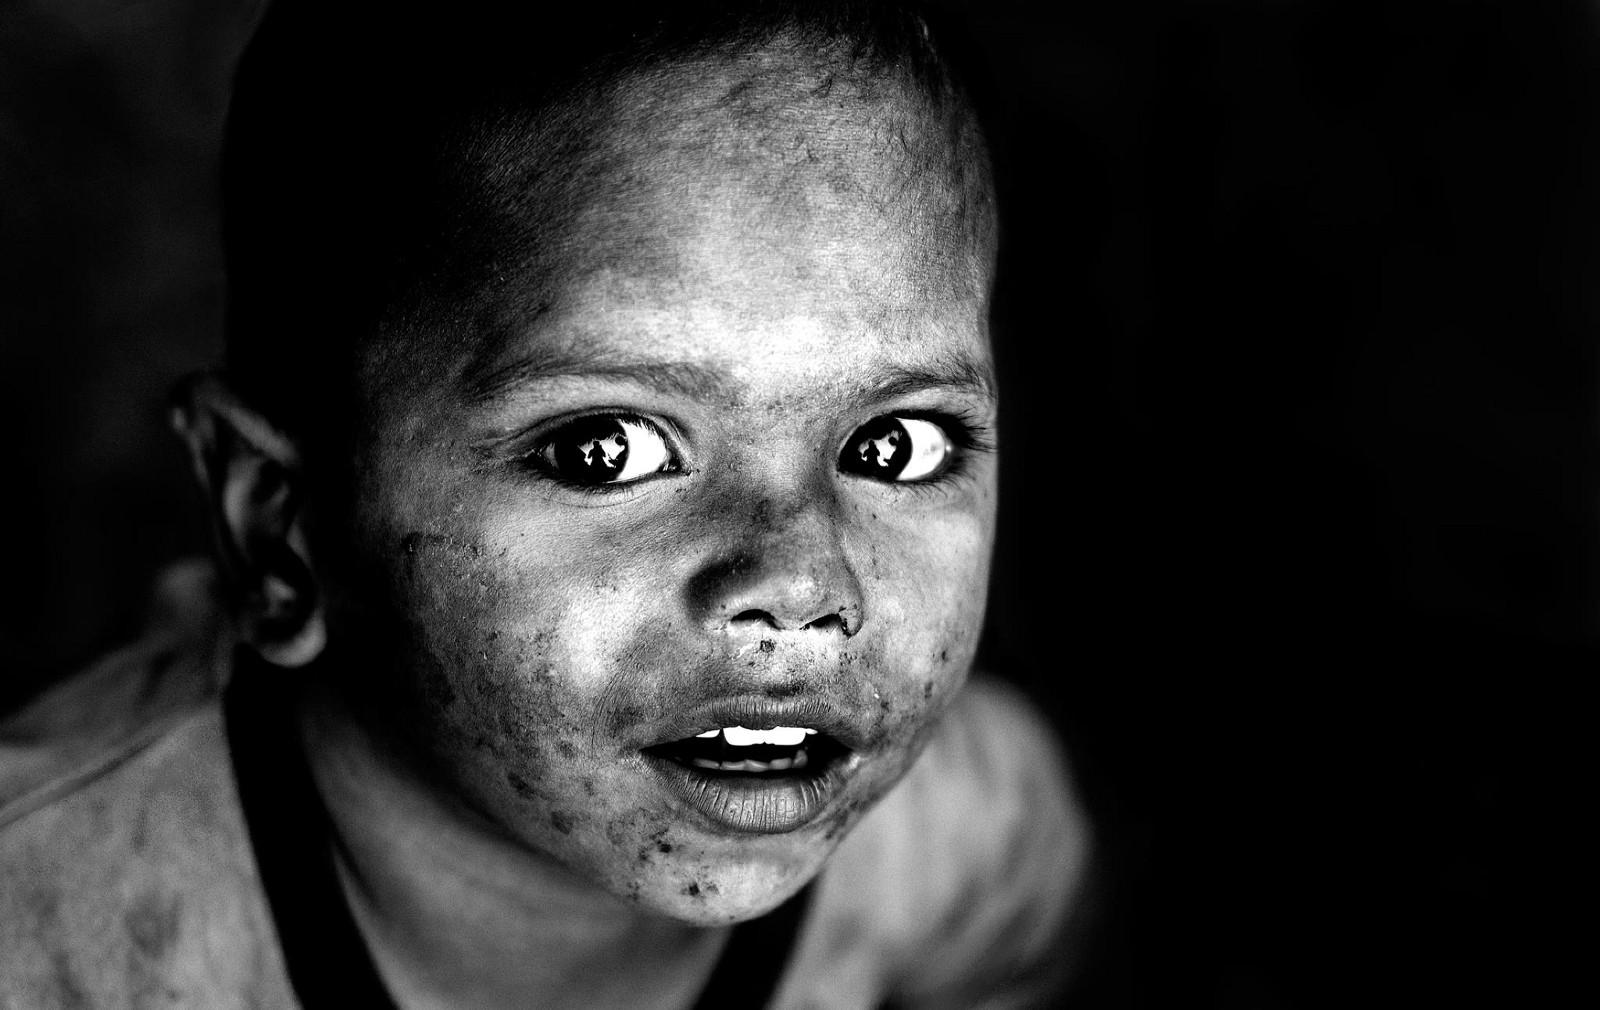 Am văzut în realitate sărăcie cum credeam că doar la televizor există